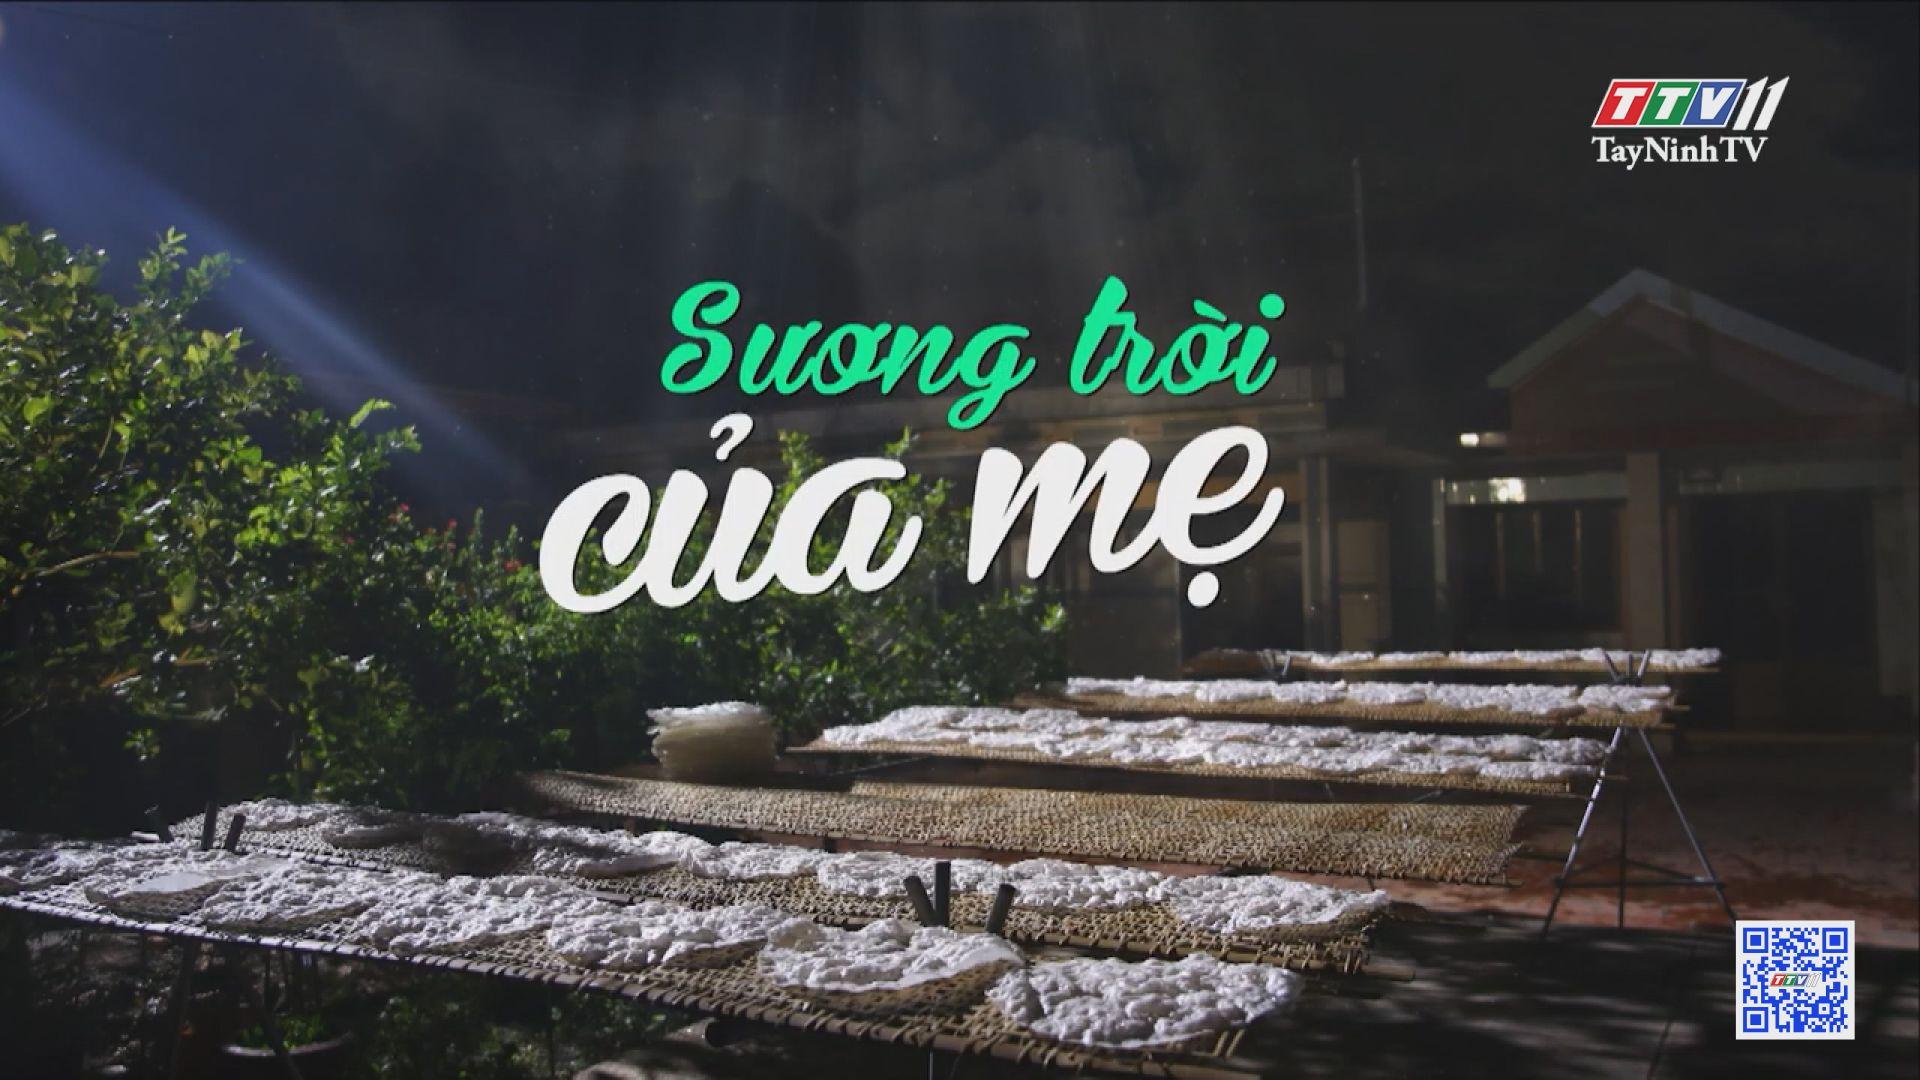 Sương trời của mẹ | TÁC PHẨM DỰ THI LIÊN HOAN TRUYỀN HÌNH 2020 | TayNinhTV